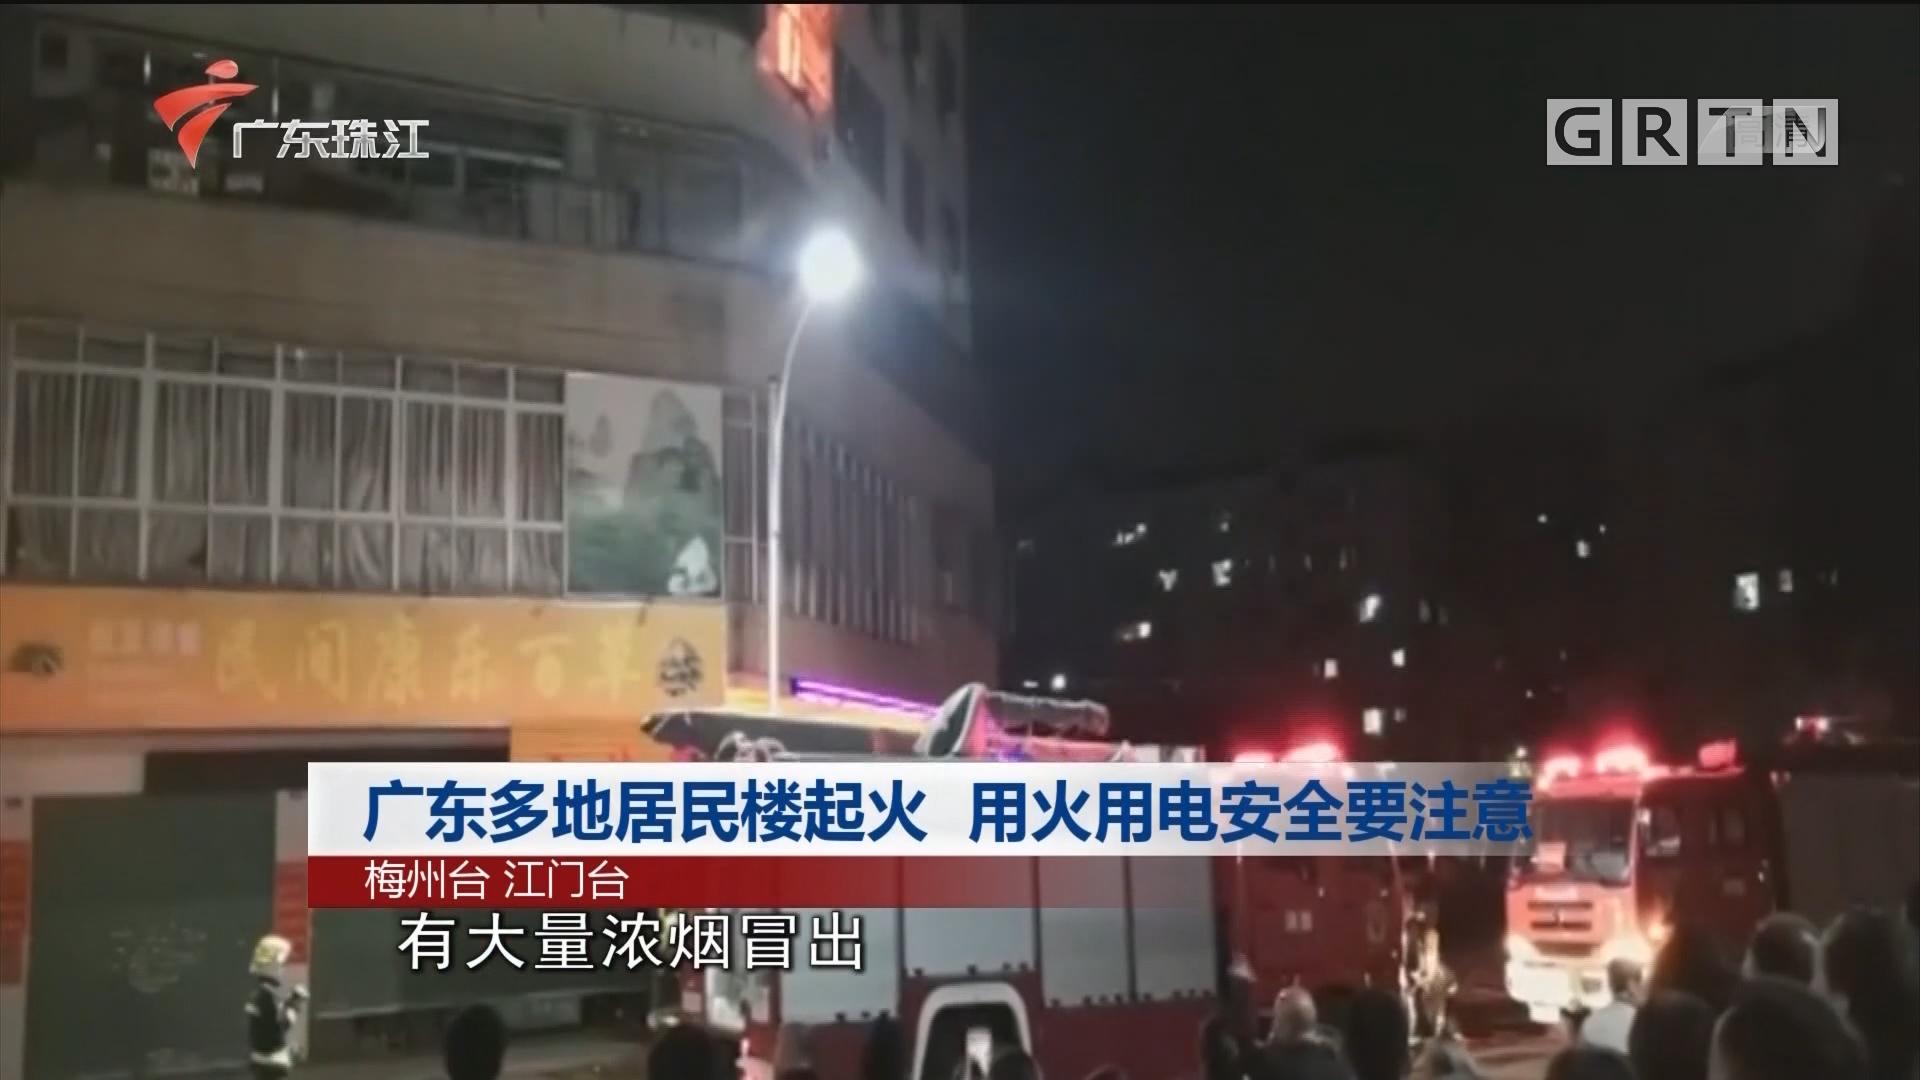 广东多地居民楼起火 用火用电安全要注意